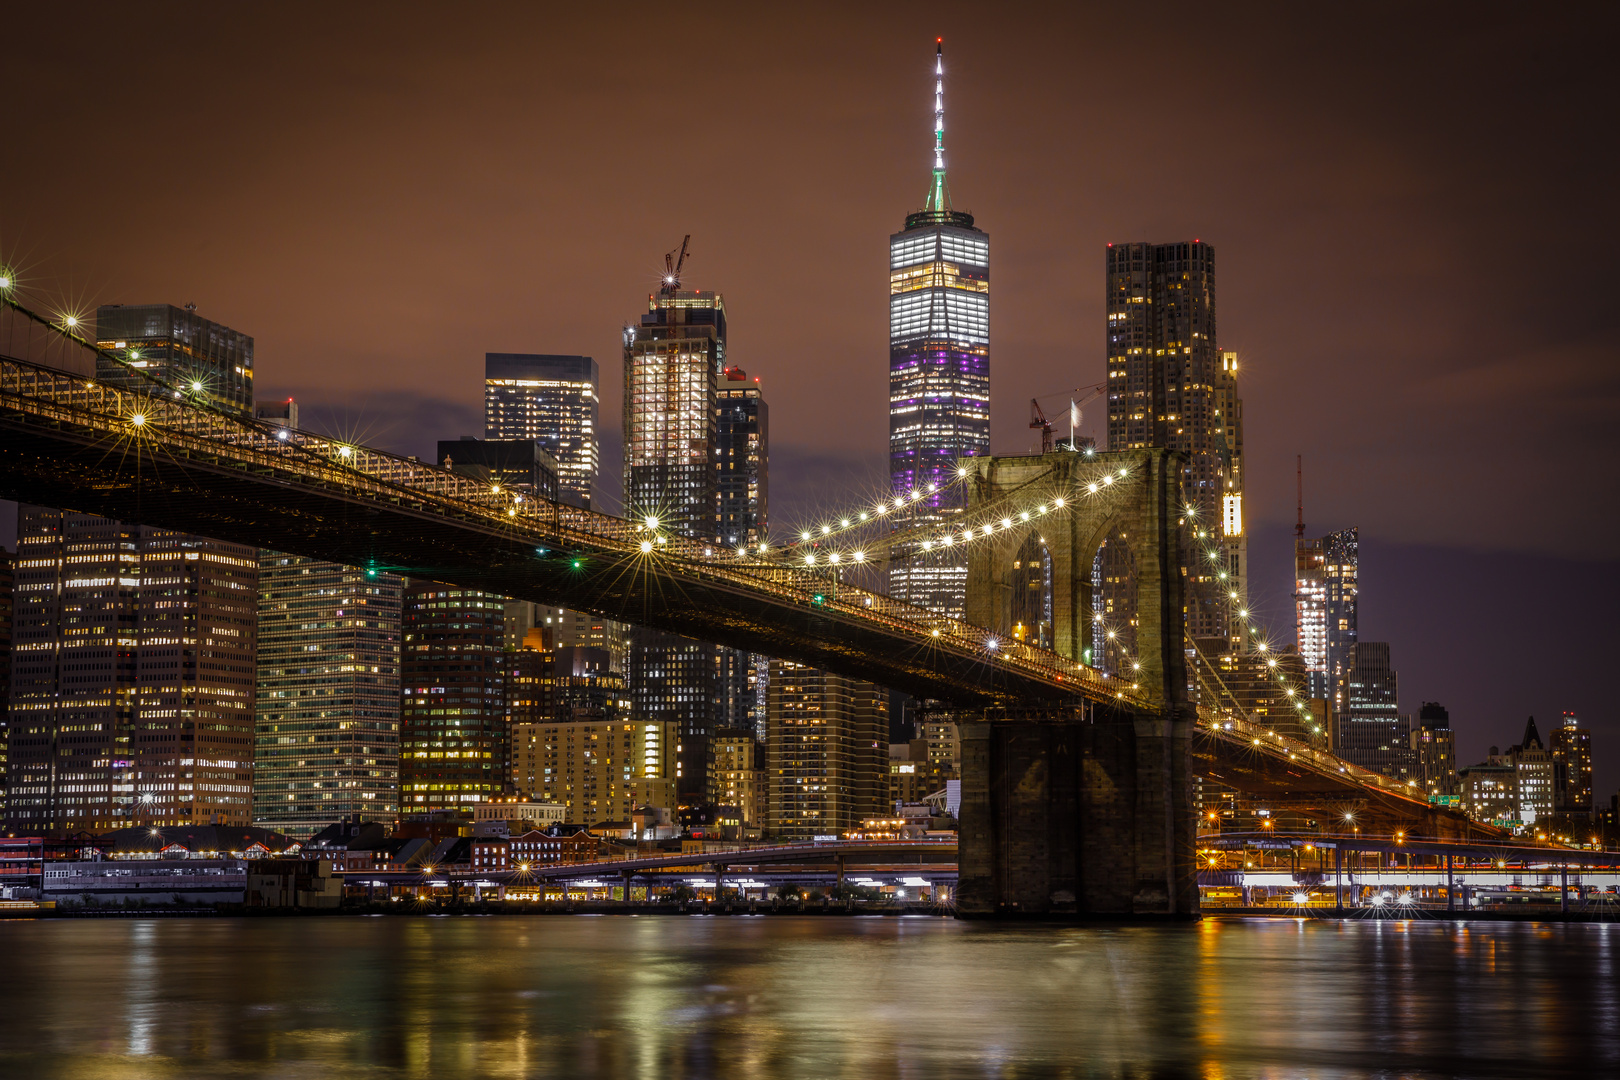 NYC2019 06